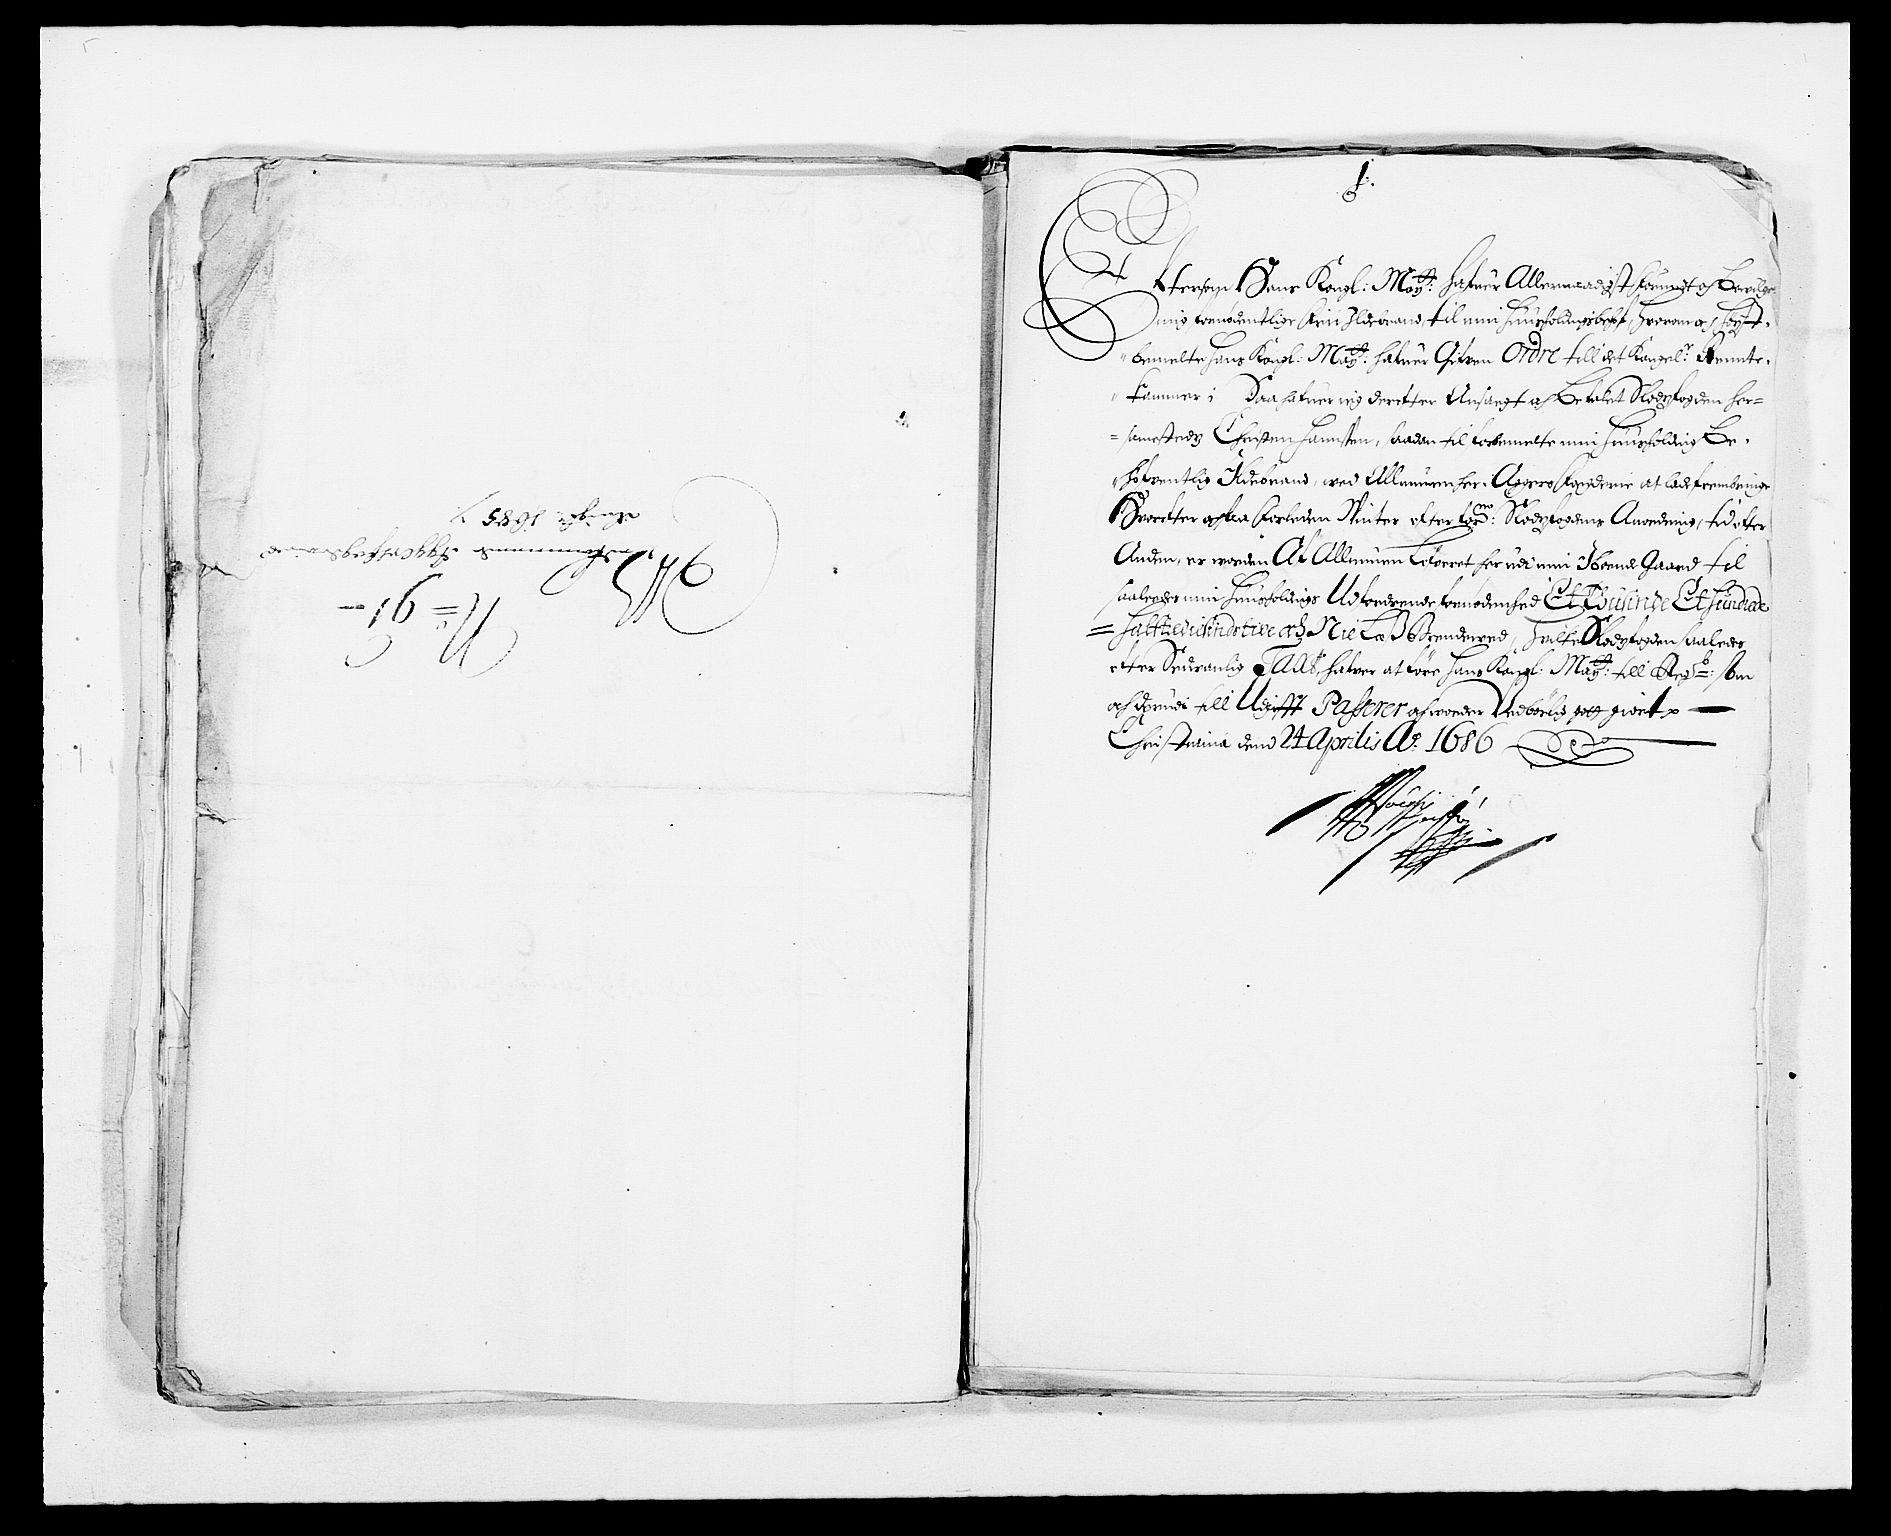 RA, Rentekammeret inntil 1814, Reviderte regnskaper, Fogderegnskap, R08/L0424: Fogderegnskap Aker, 1682-1689, s. 174